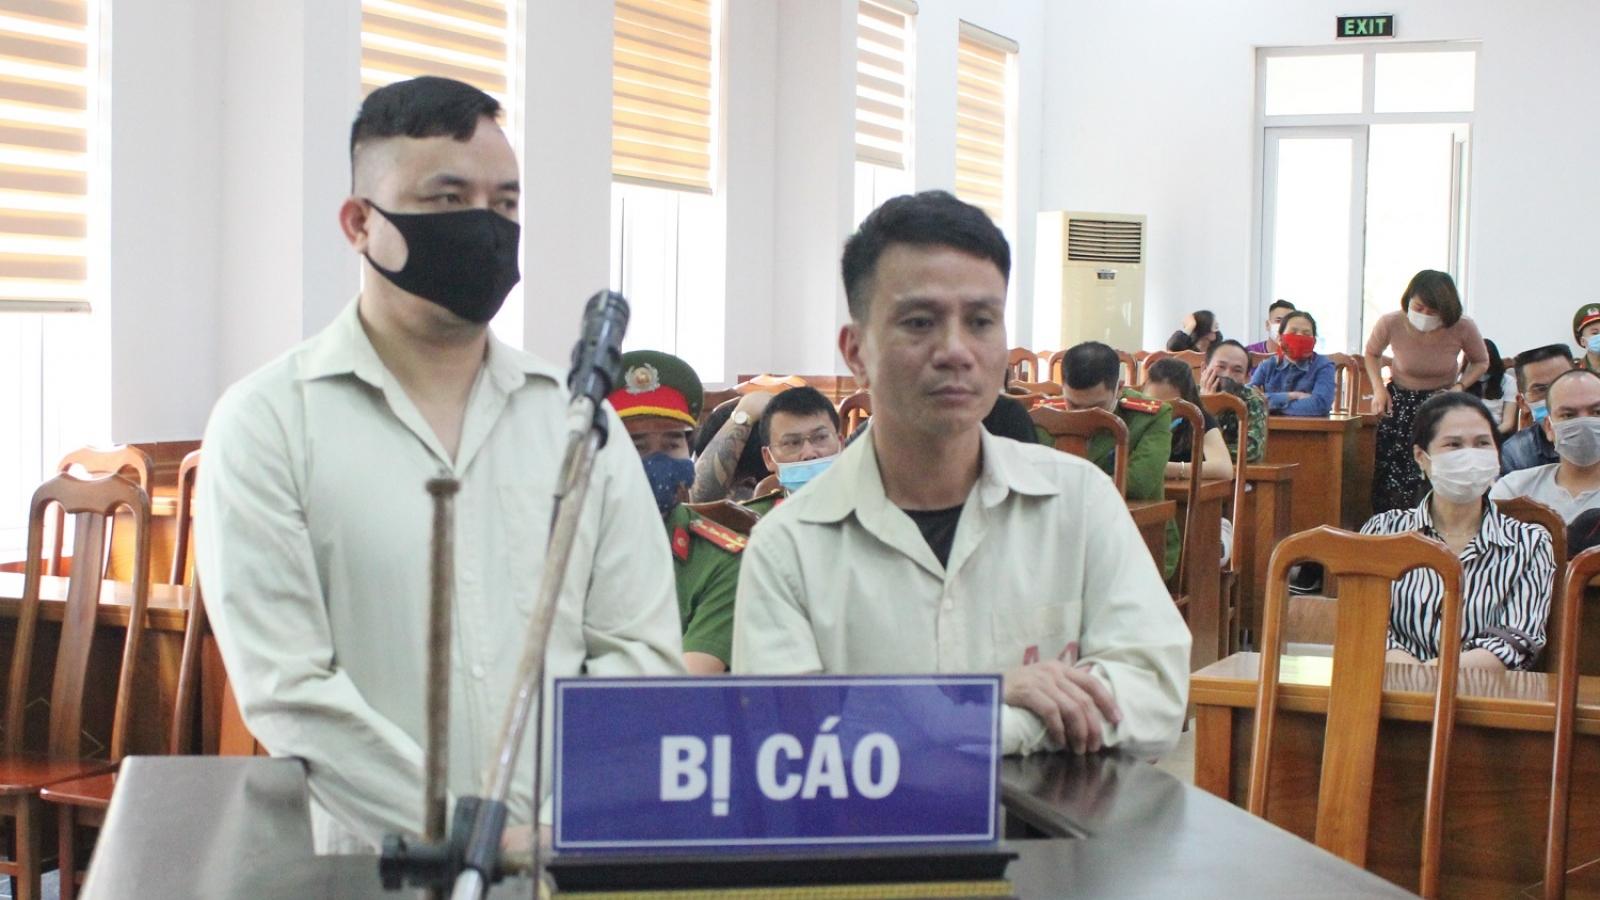 3 năm 9 tháng tù cho 2 kẻ chống người thi hành công vụ và tàng trữ ma túy